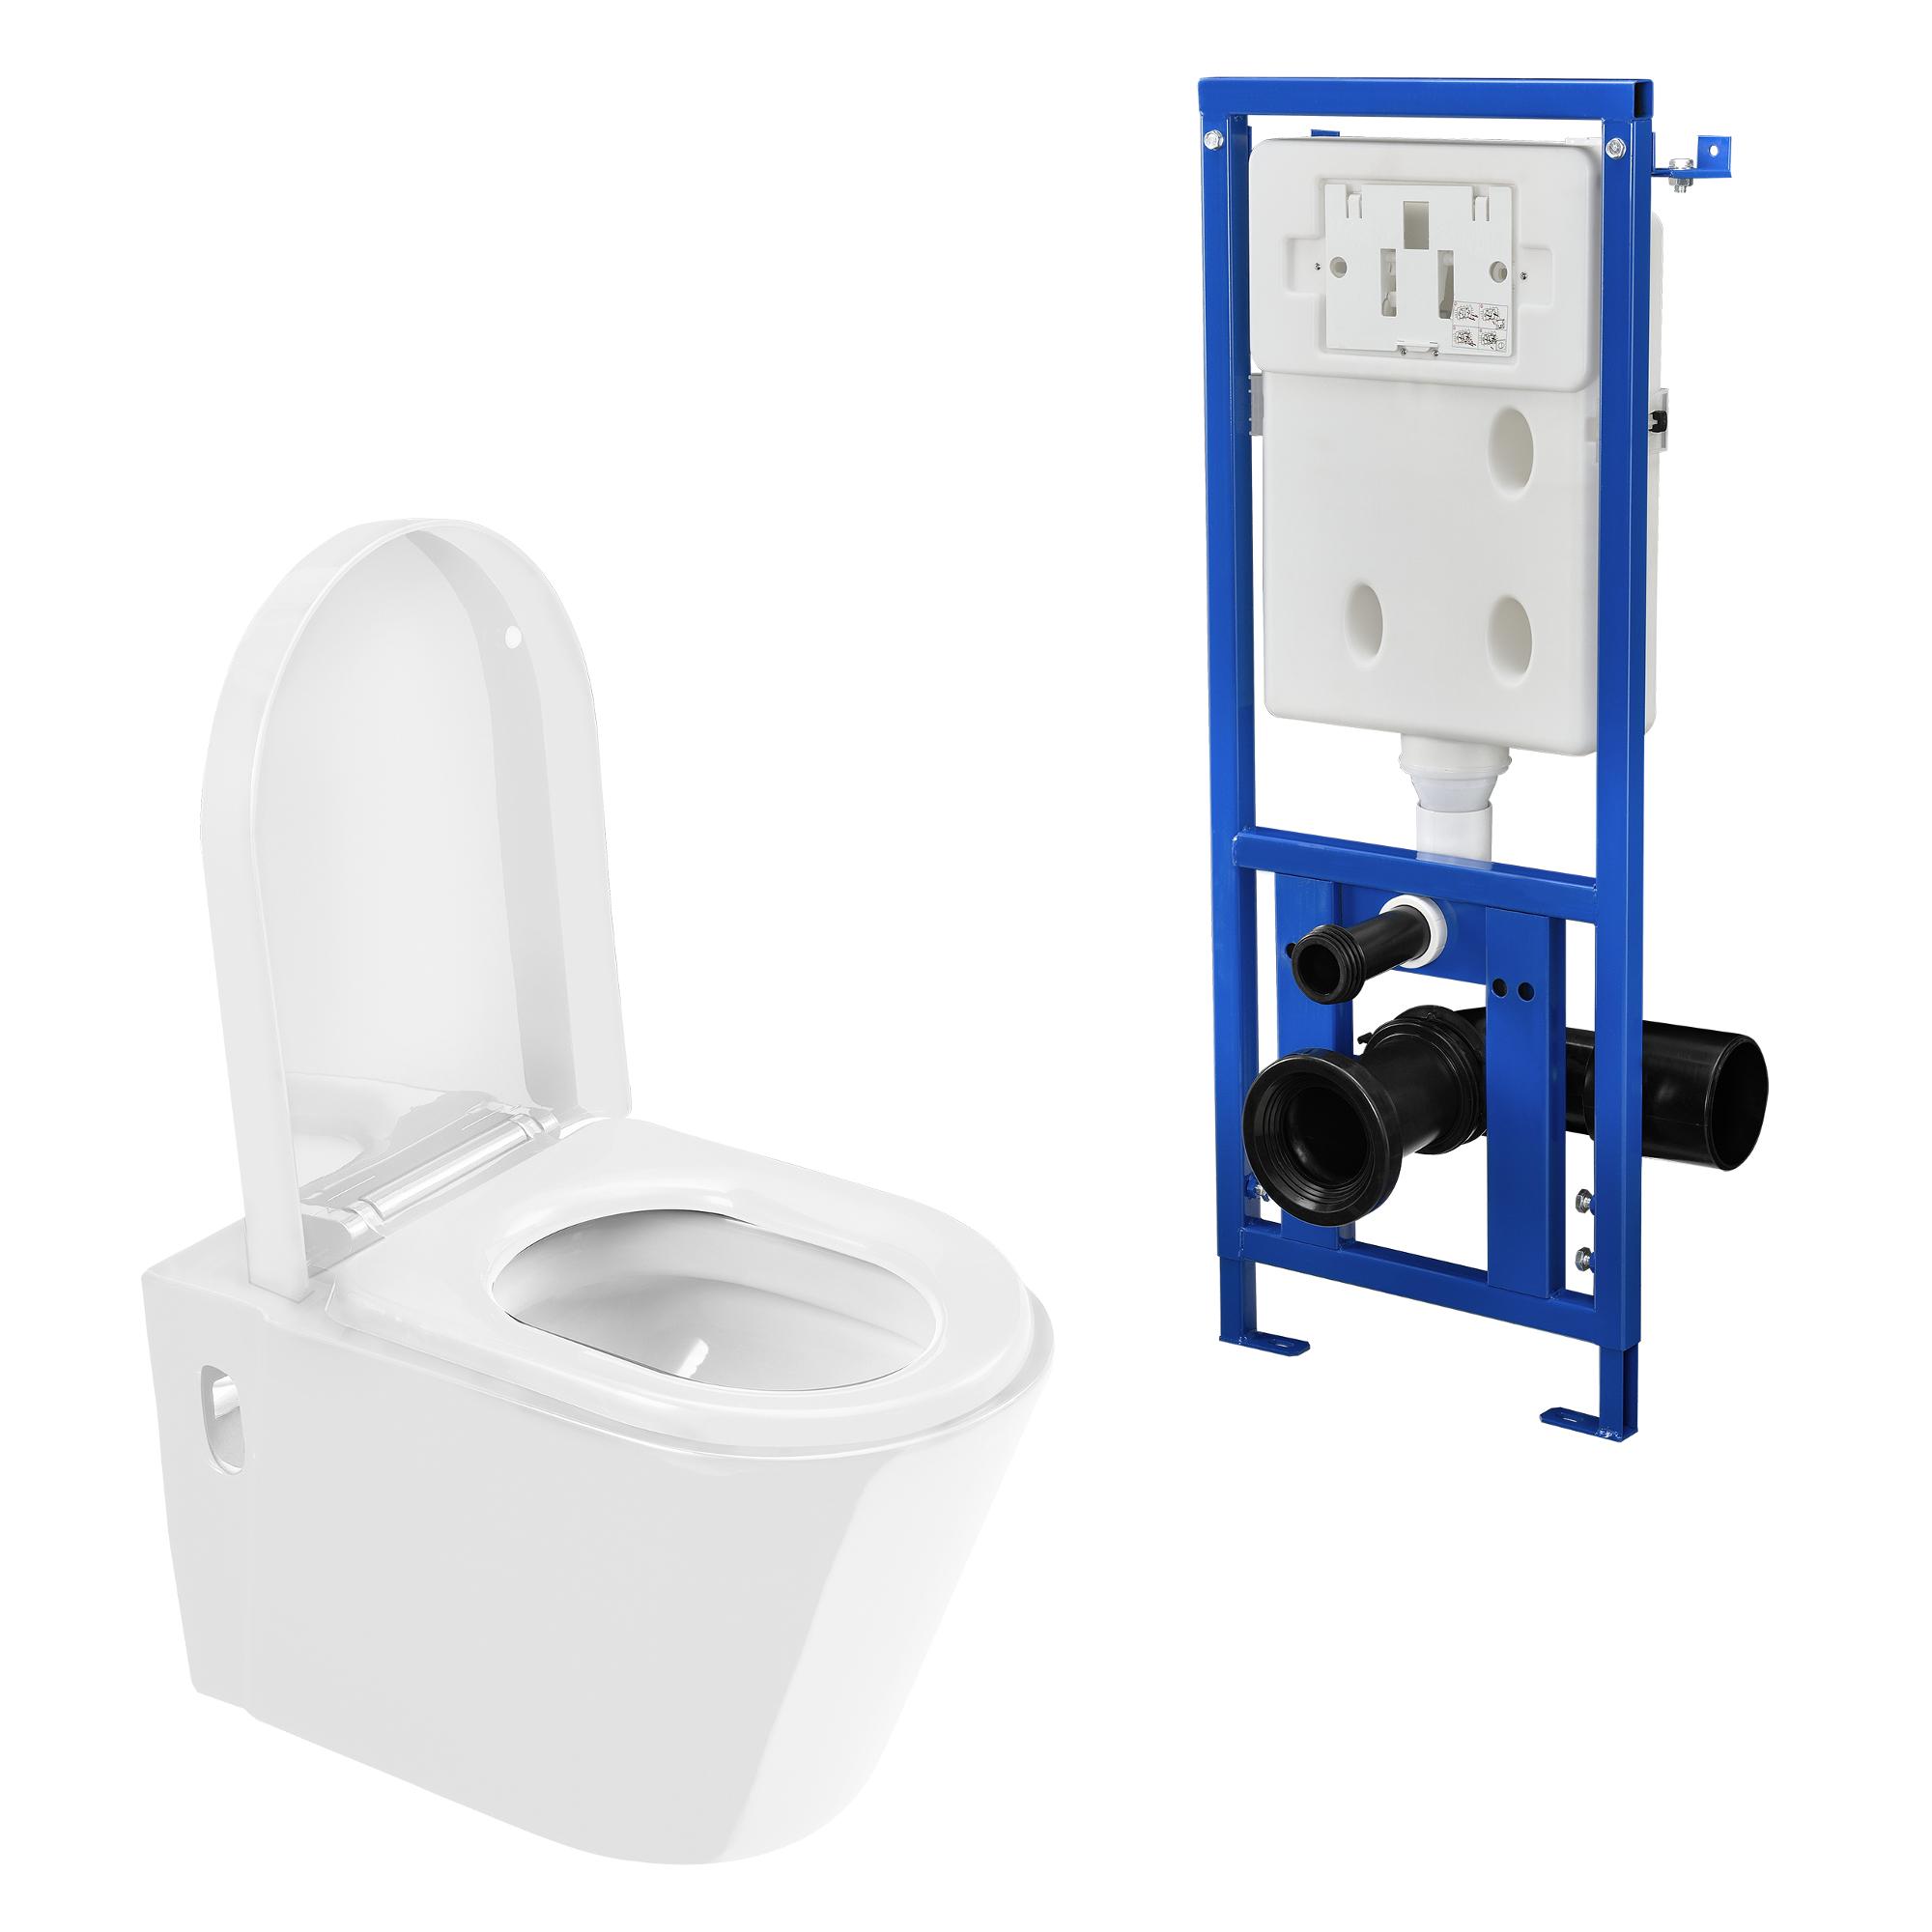 maison c ramique mur toilette suspendue citerne blanc ebay. Black Bedroom Furniture Sets. Home Design Ideas